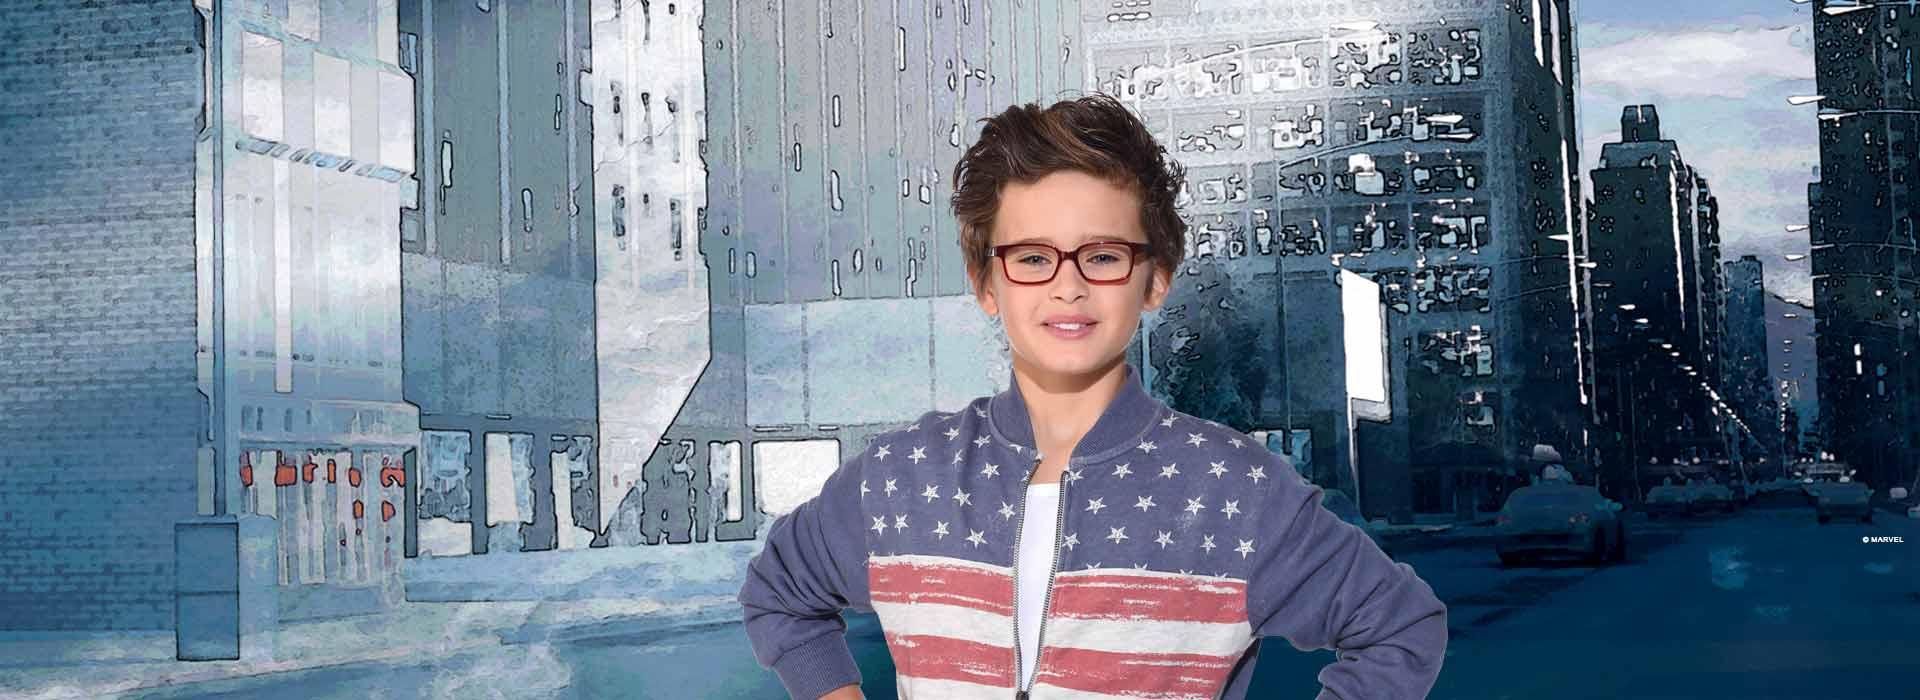 lunettes garçon